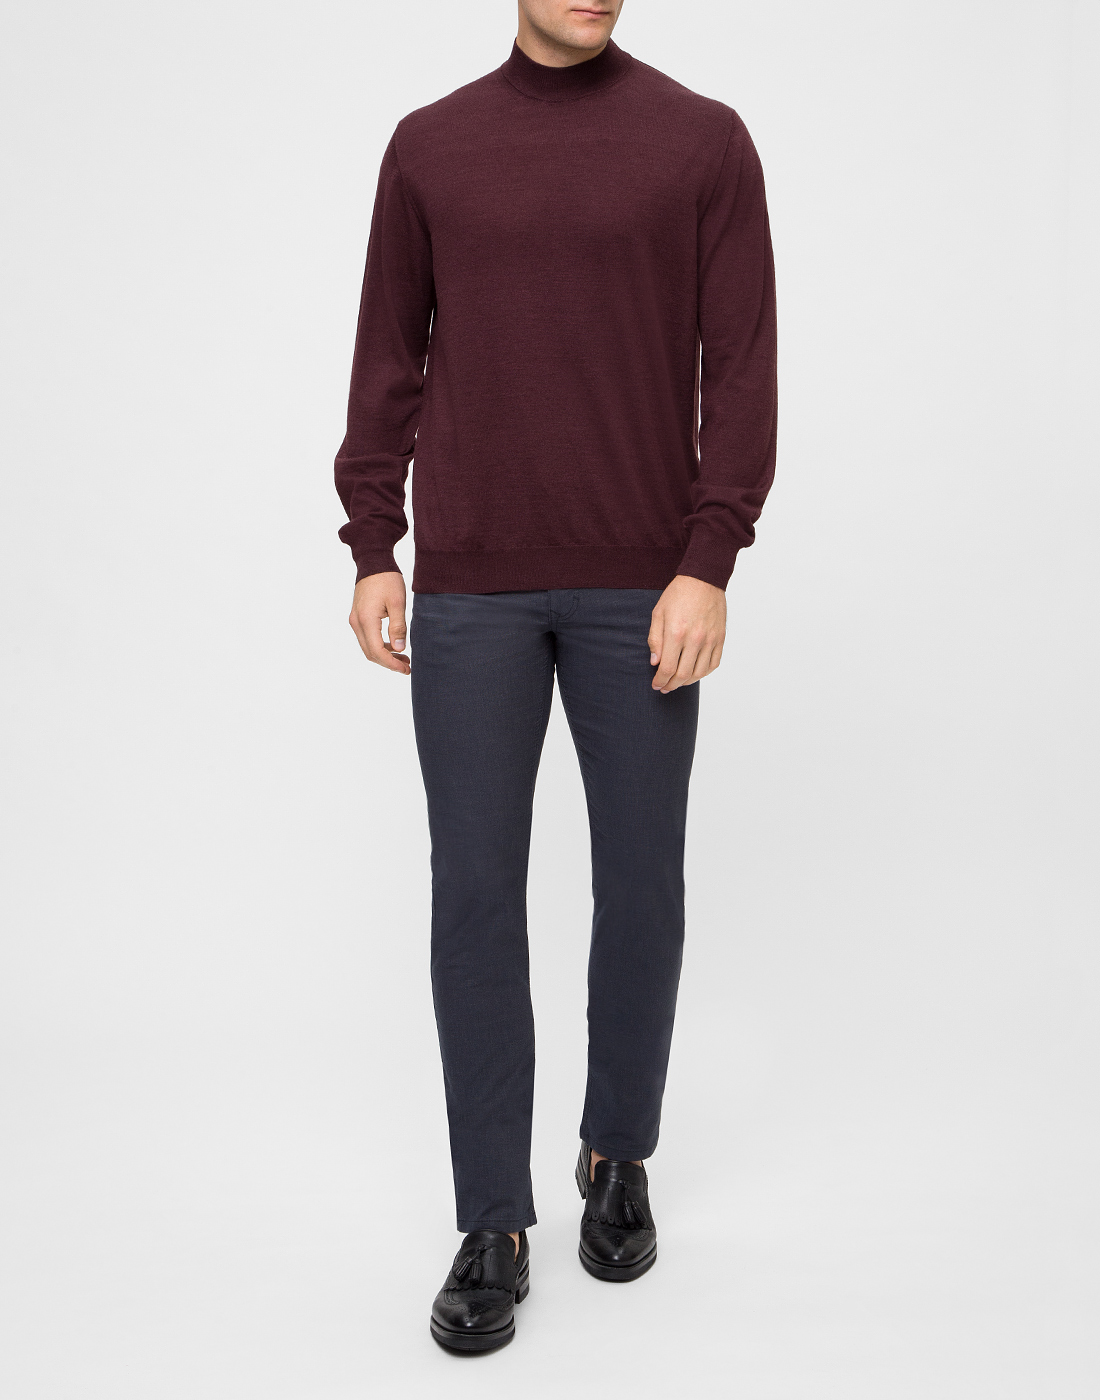 Мужской бордовый шерстяной свитер Dalmine S797020 835-5